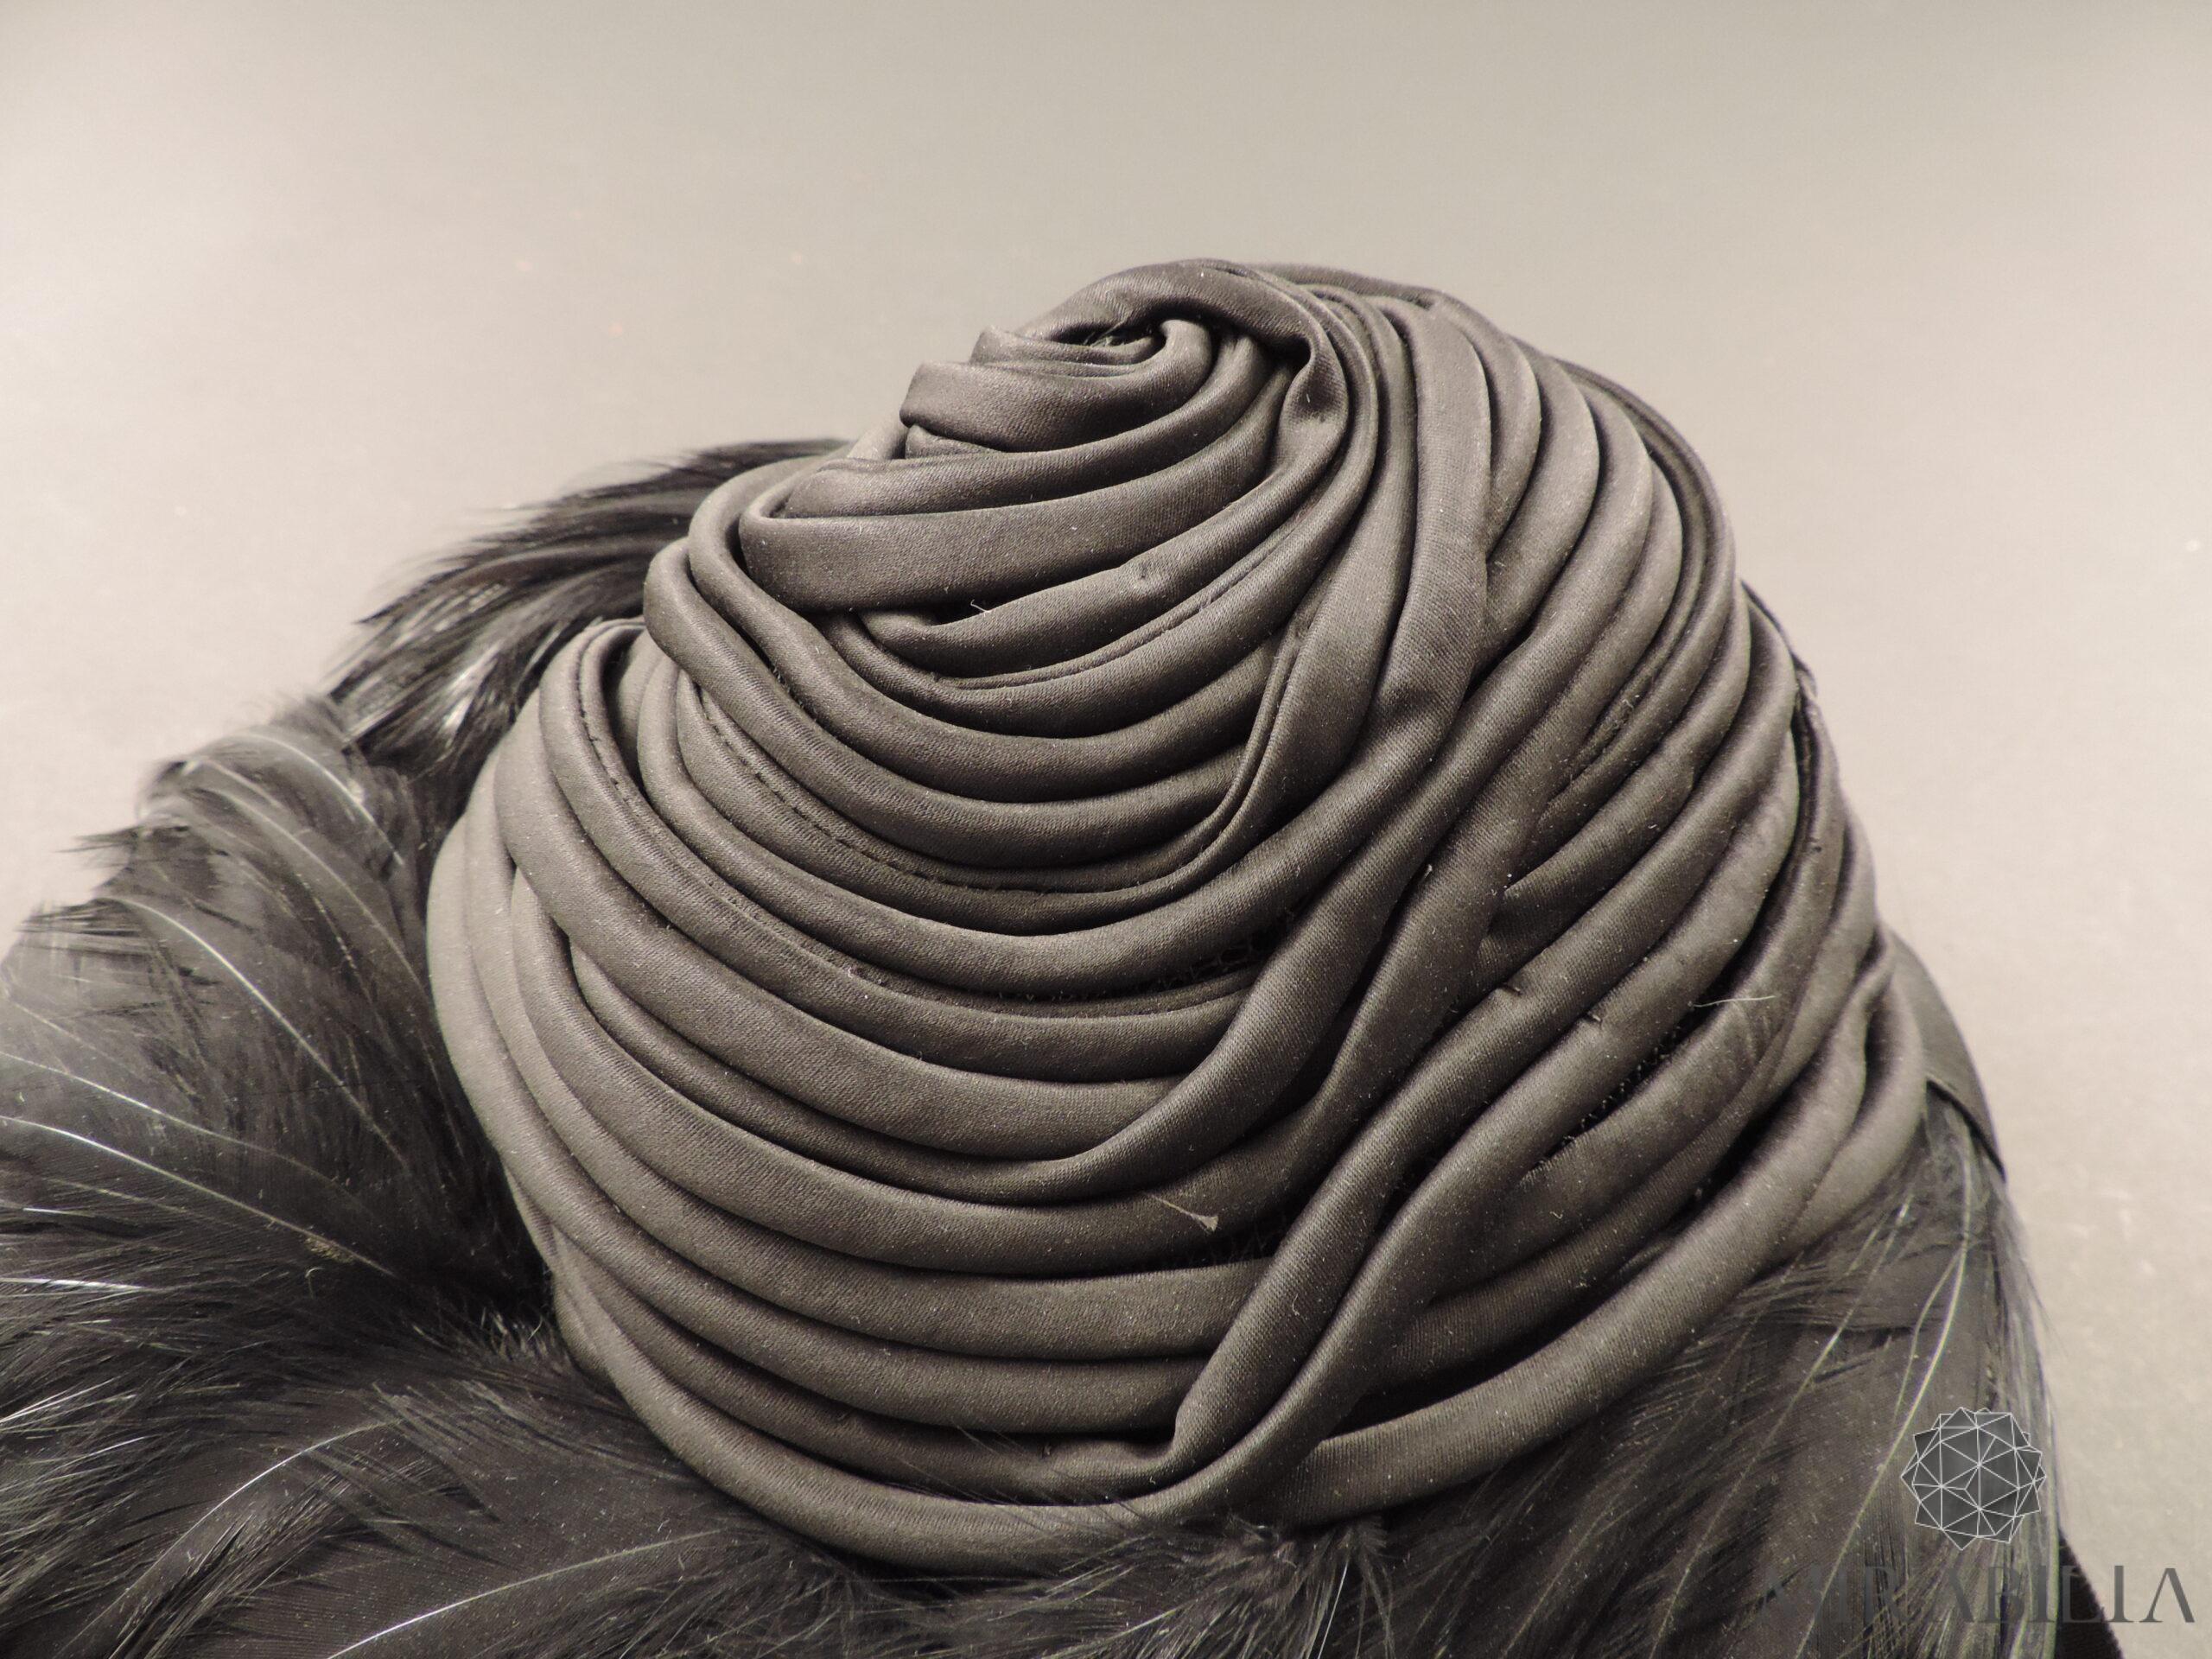 Cappello con piume, dettaglio raso di seta